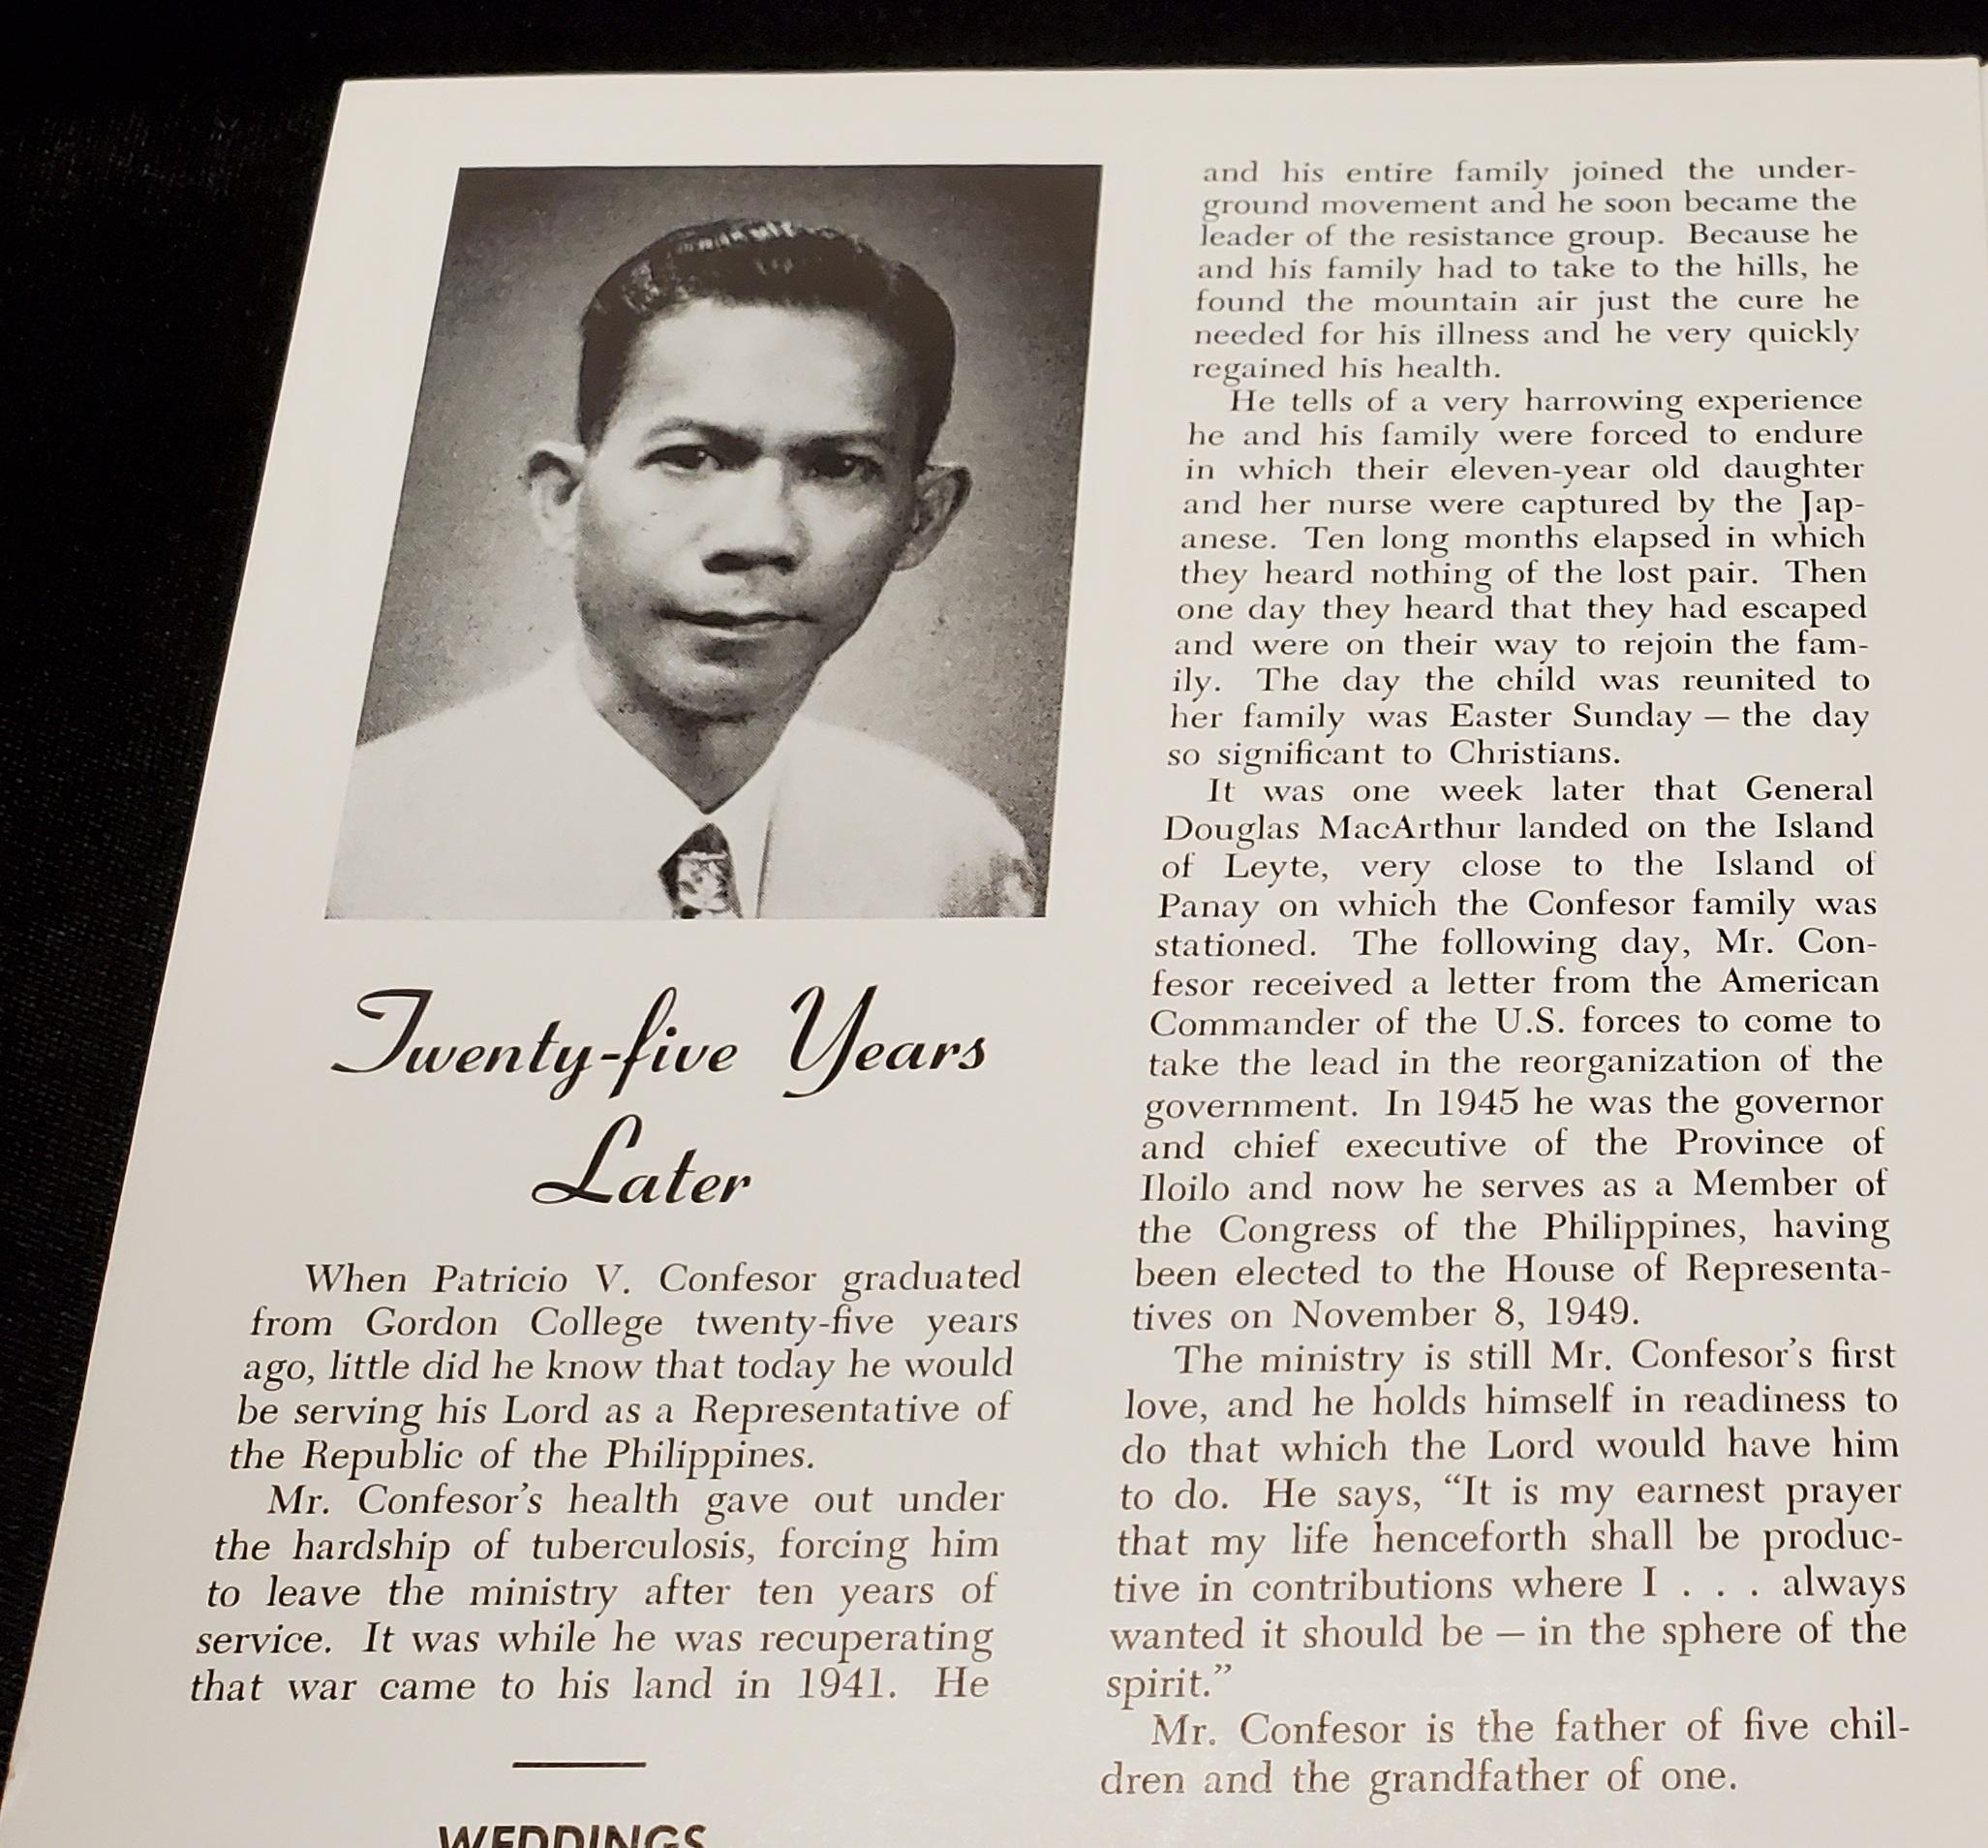 Article about Patricio Confesor in The Gordon